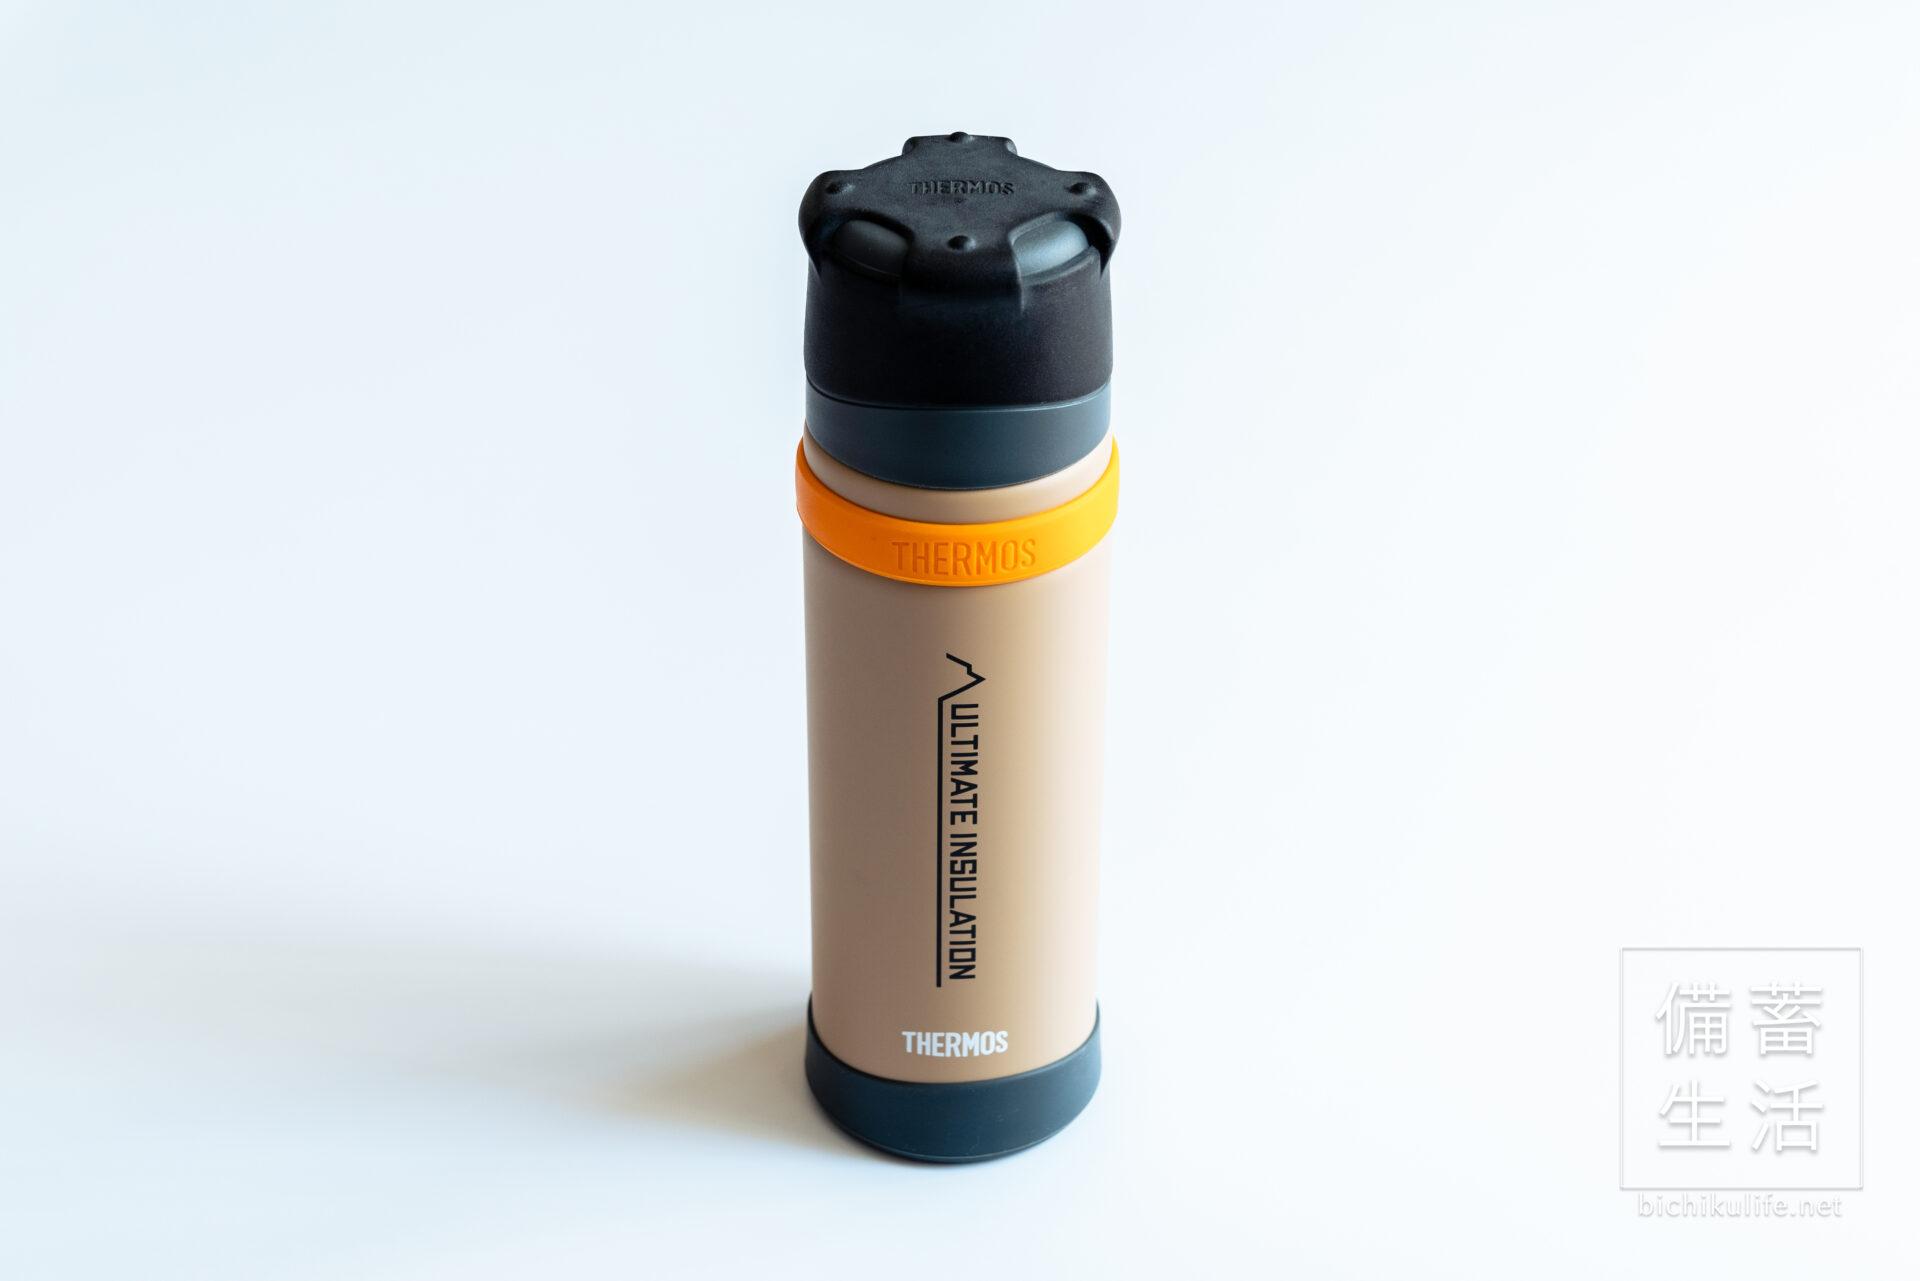 サーモスの山専用ボトル